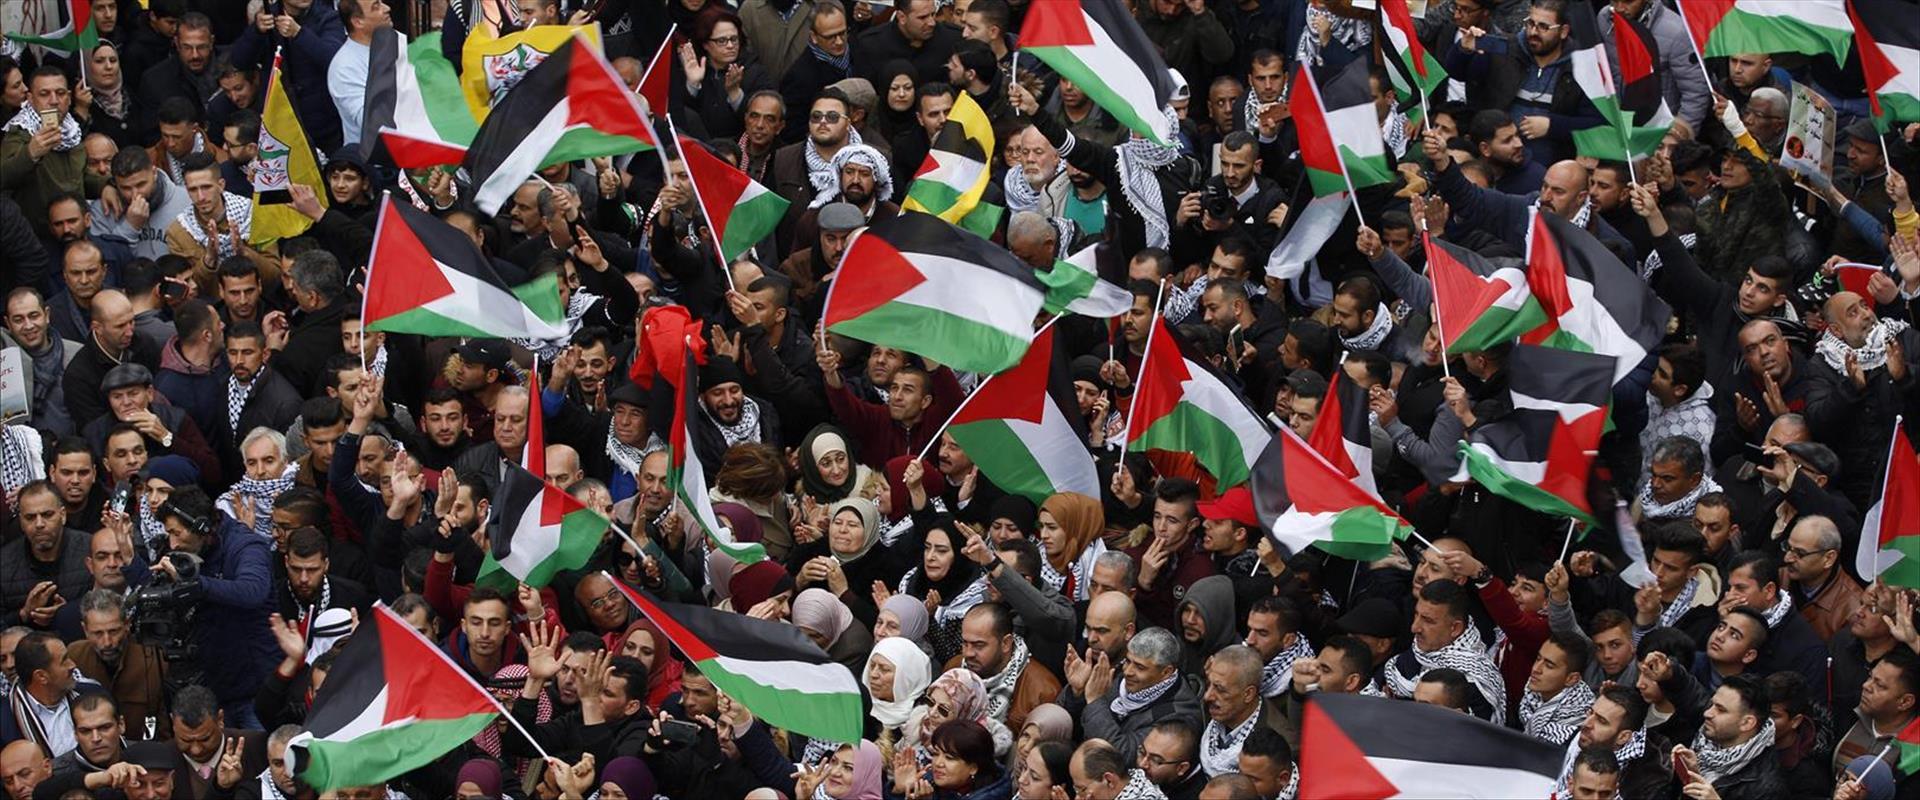 מחאת פלסטינית, ארכיון